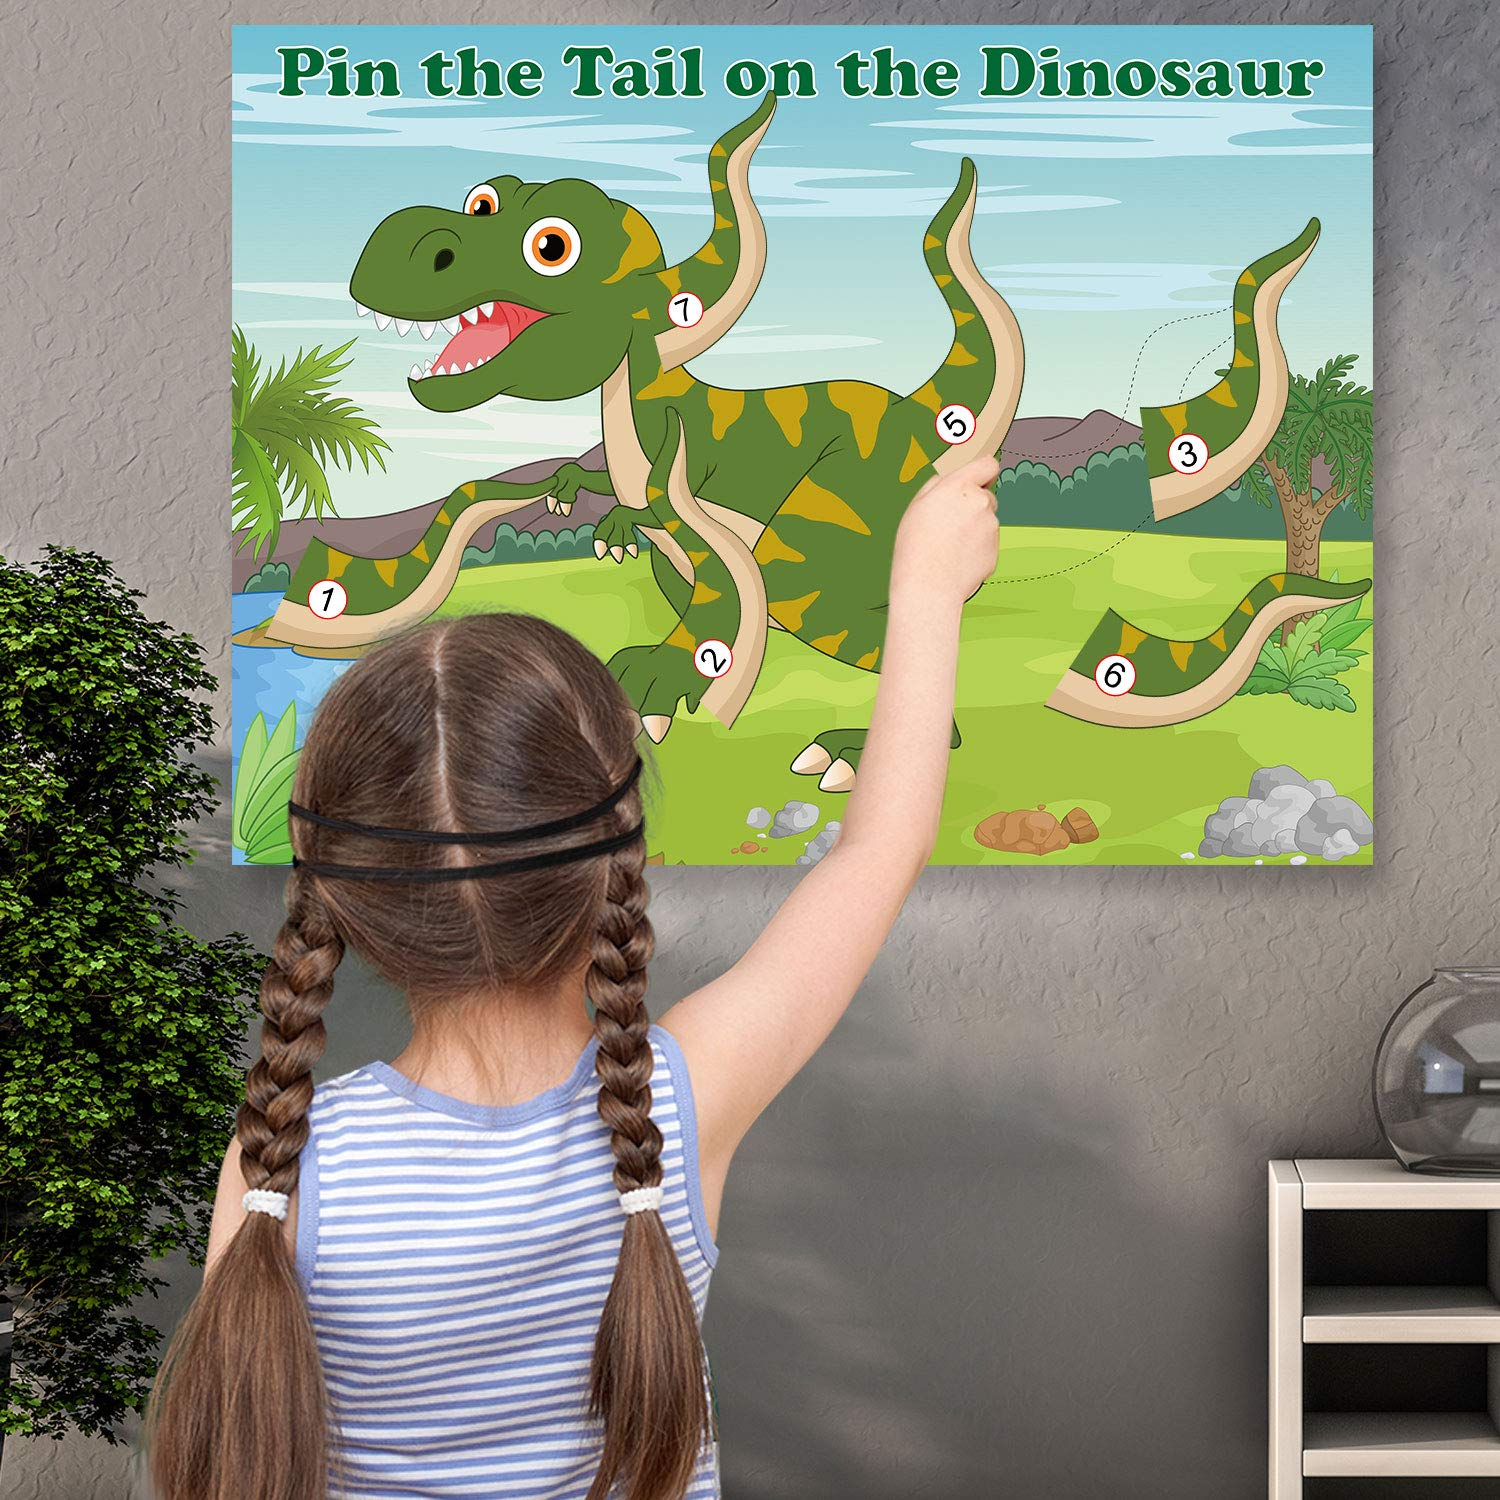 FEPITO Pin The Tail beim Dinosaurier Spiel mit 24 St/ück Schw/änzen f/ür Dinosaurier Geburtstag Partyzubeh/ör Jungen-Dinosaurier Party Spiel